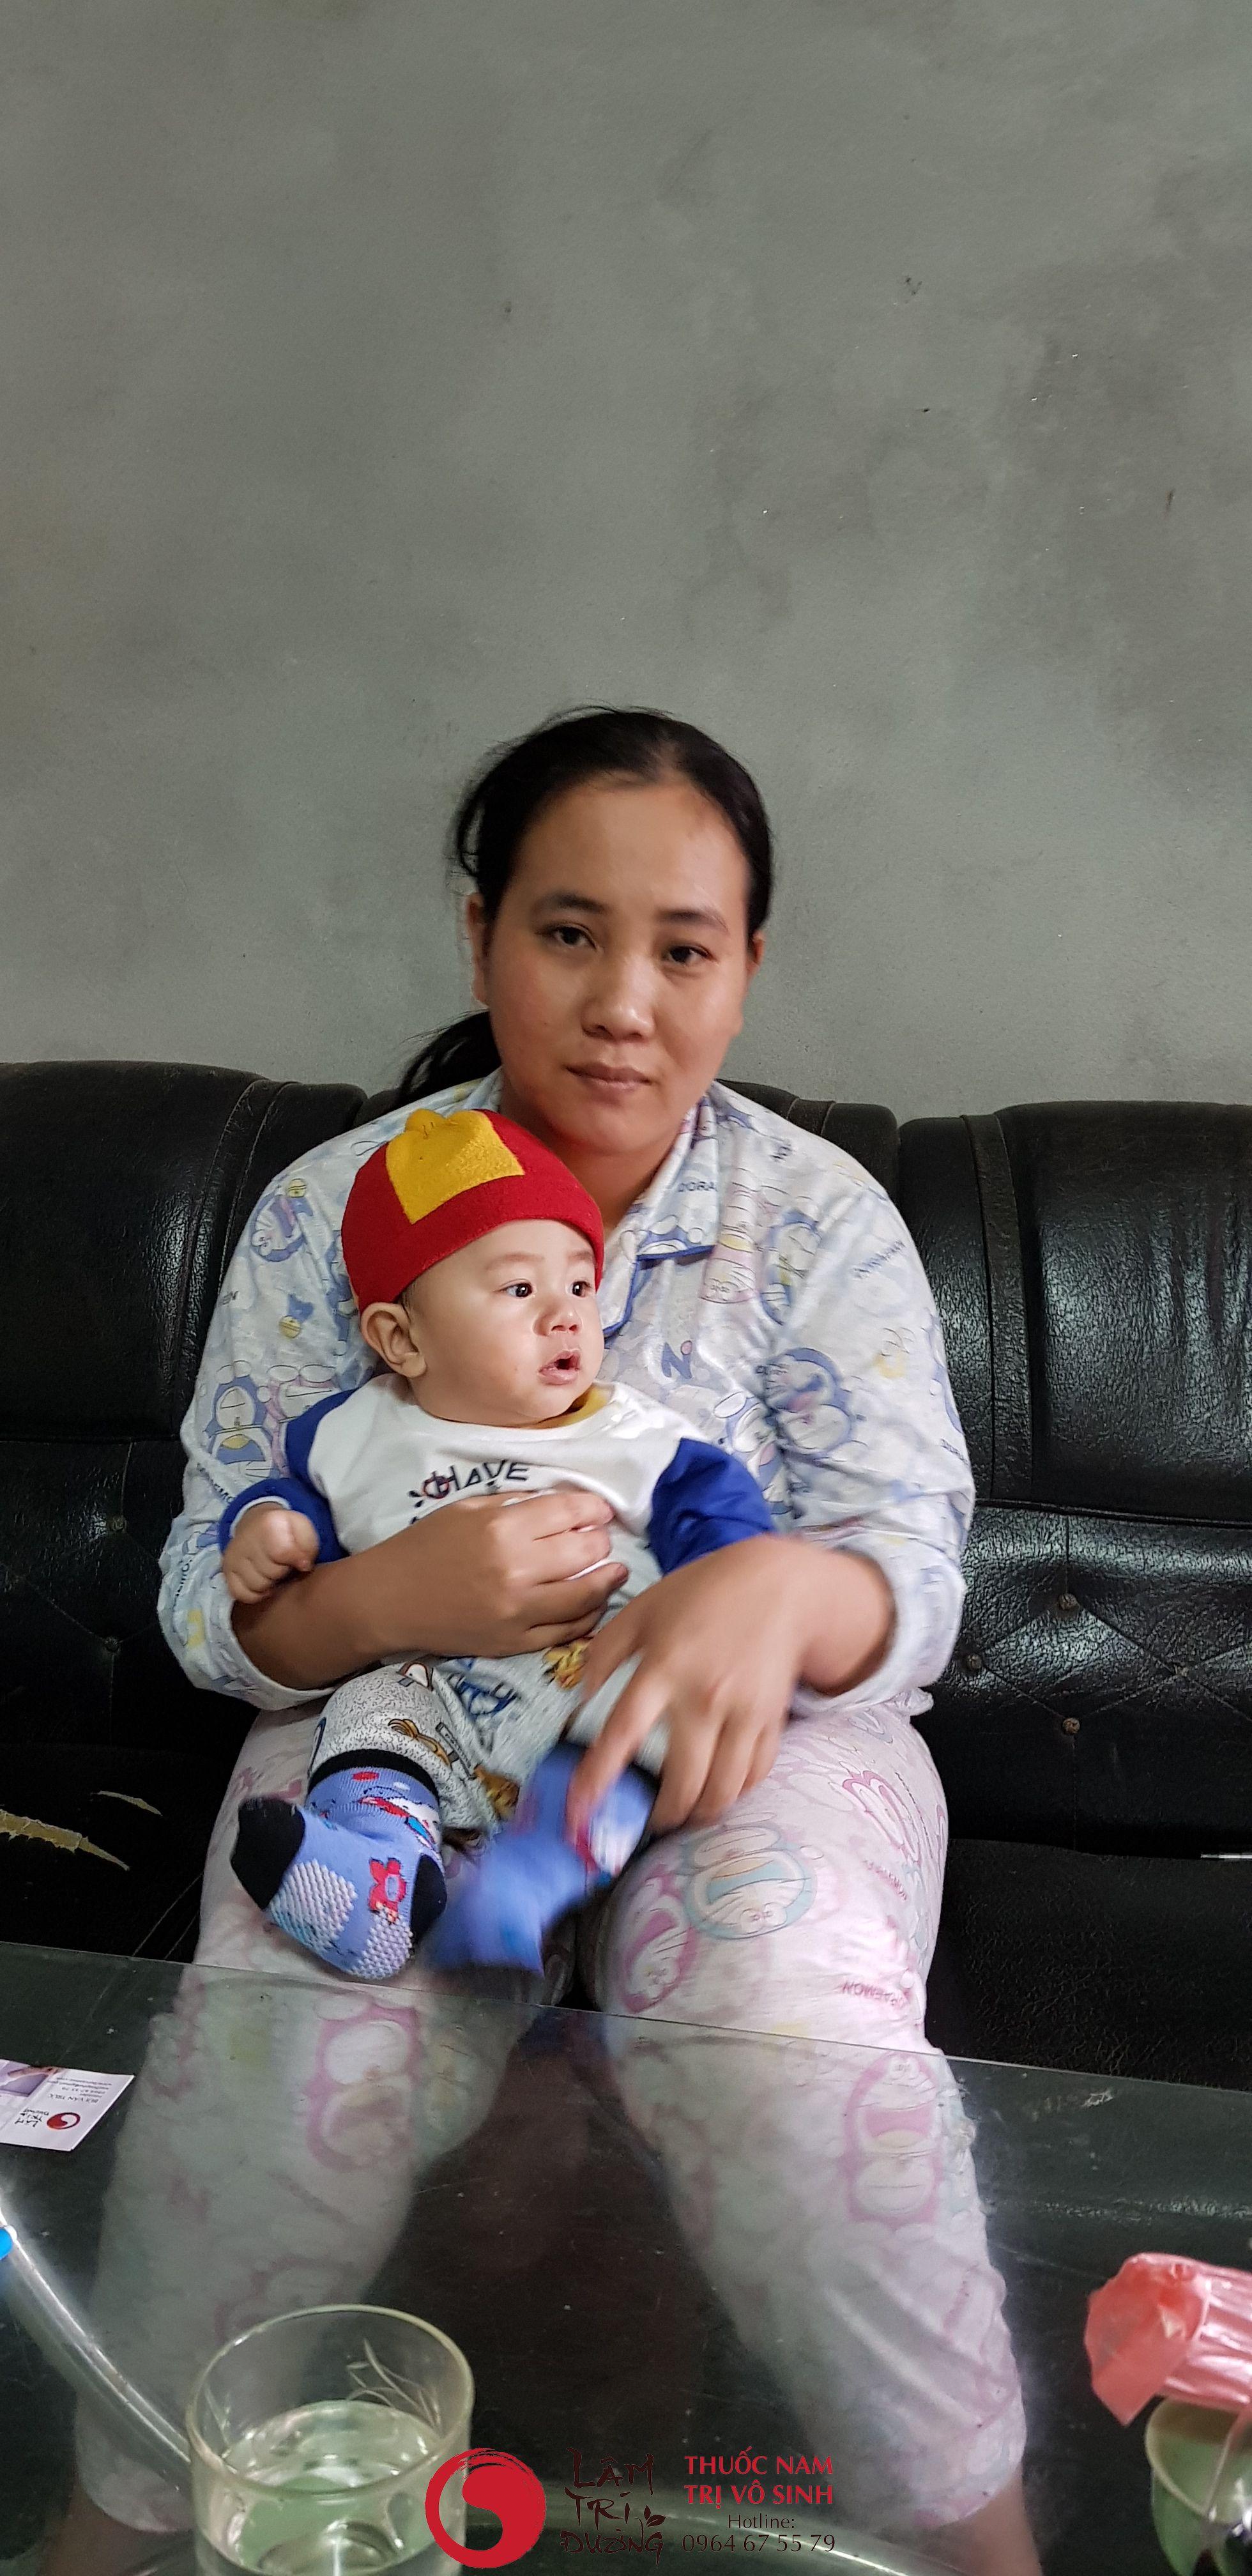 20180124 112431 result - Chia Sẻ Của Chị Hoa Khi Có Con Sau 4 Lần Lưu Thai